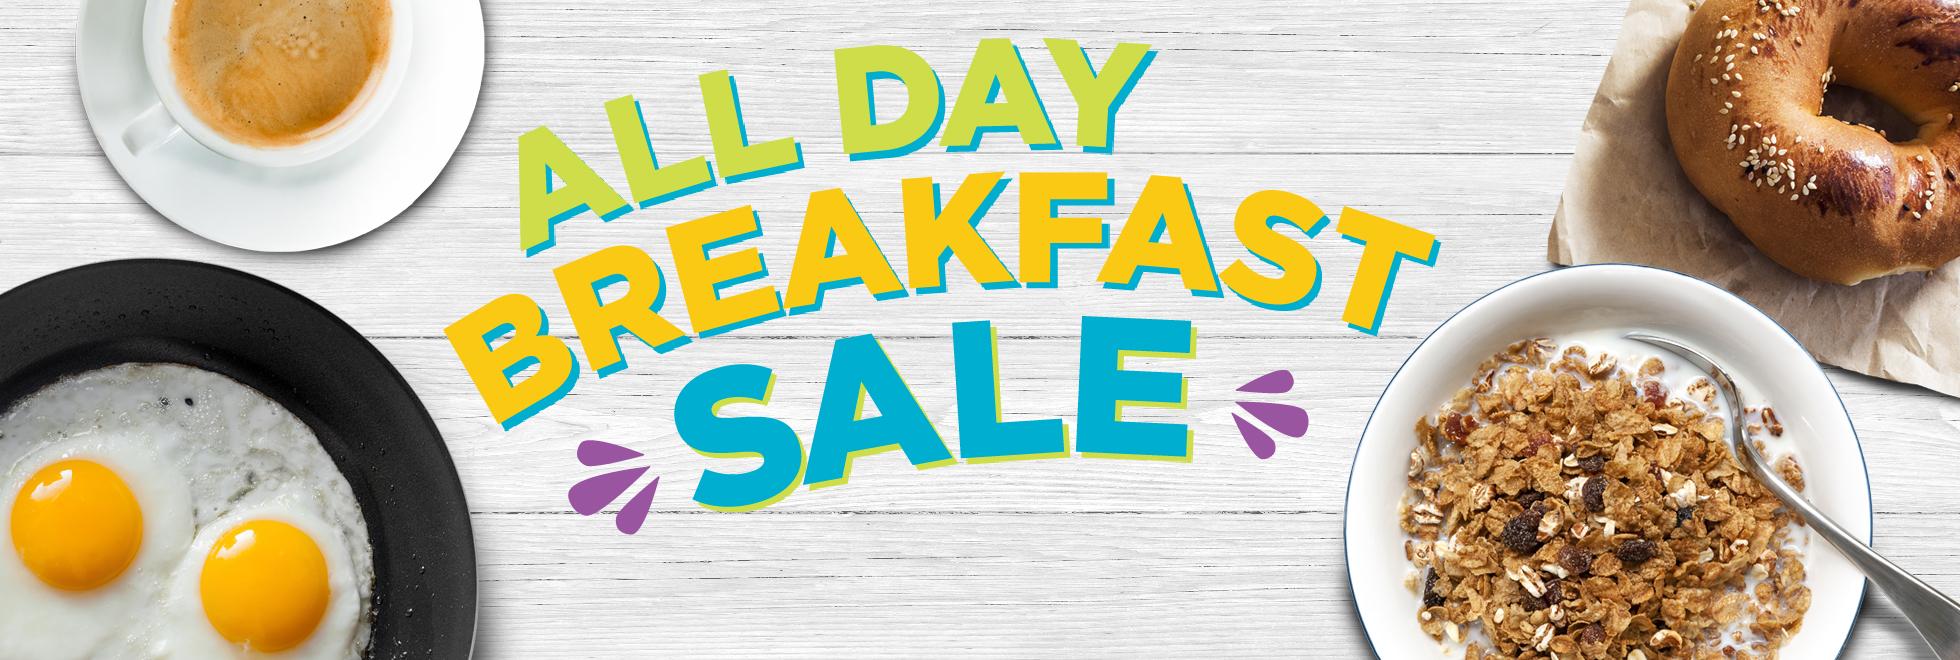 All Day Breakfast Sale